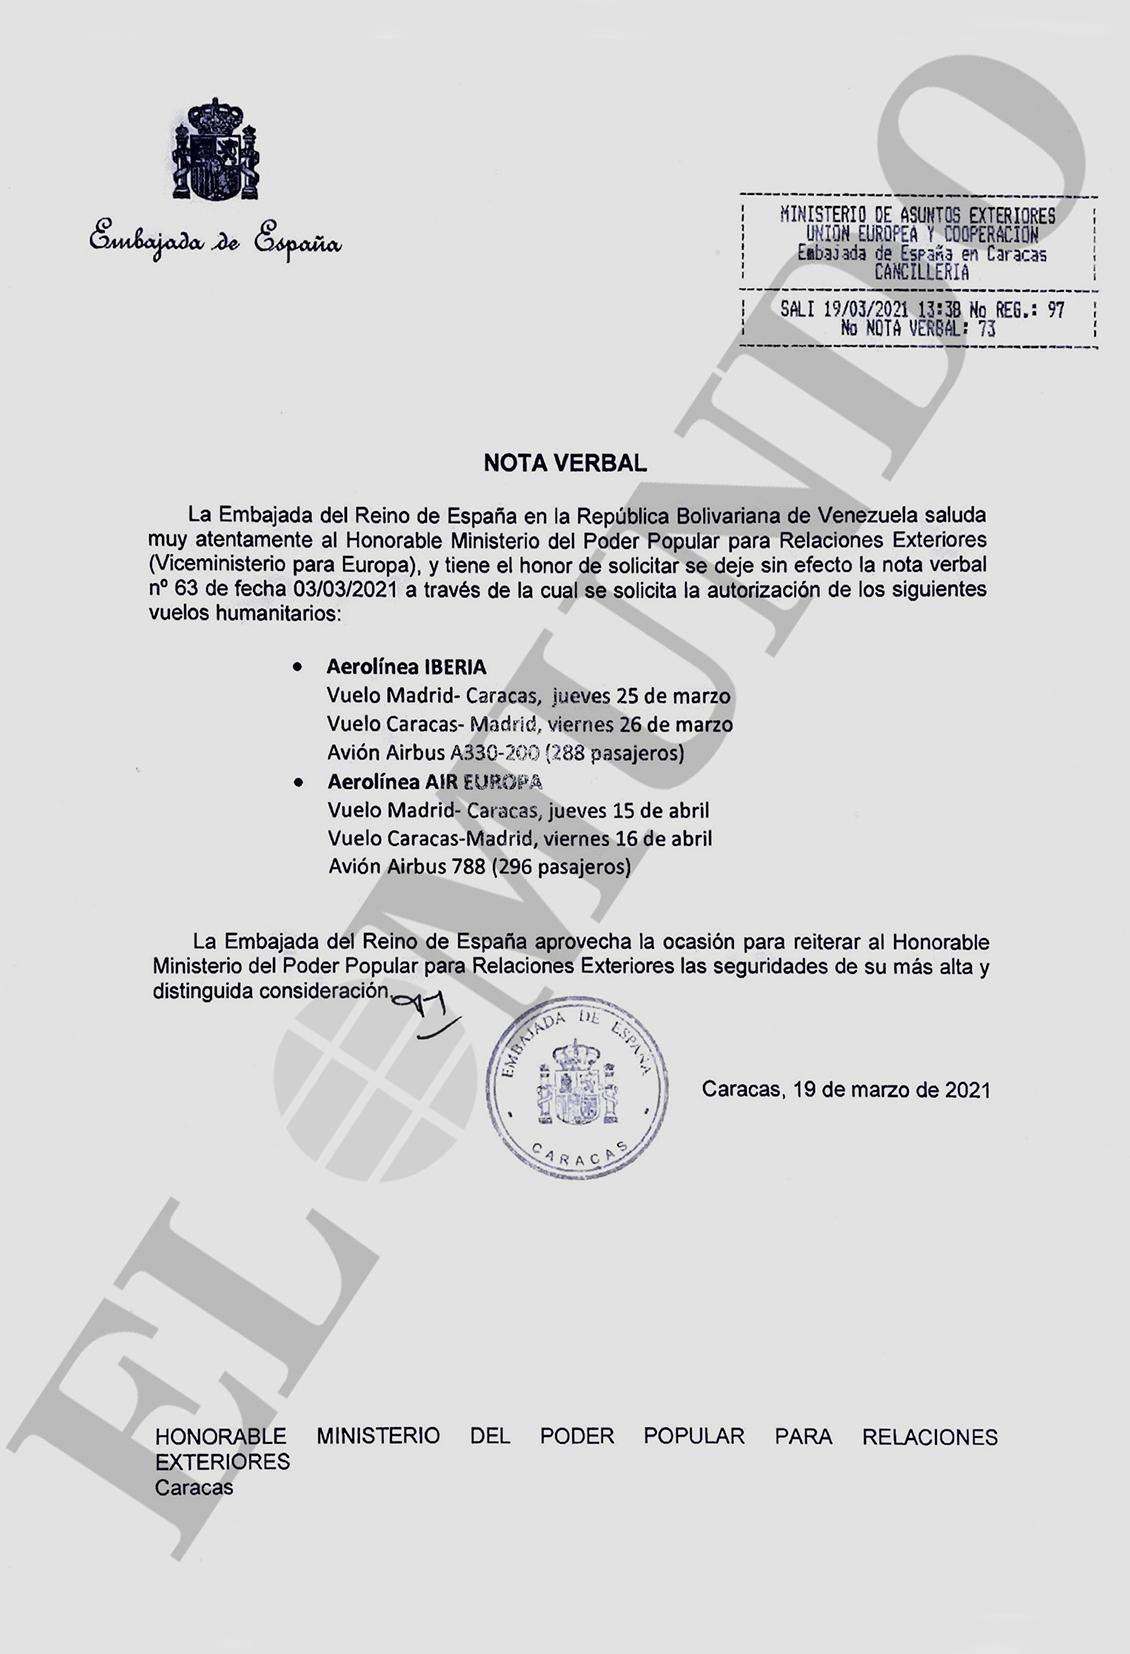 Comunicación de la Embajada de España al Gobierno venezolano en la que renuncia solicitar permisos de vuelo para Iberia y Air Europa